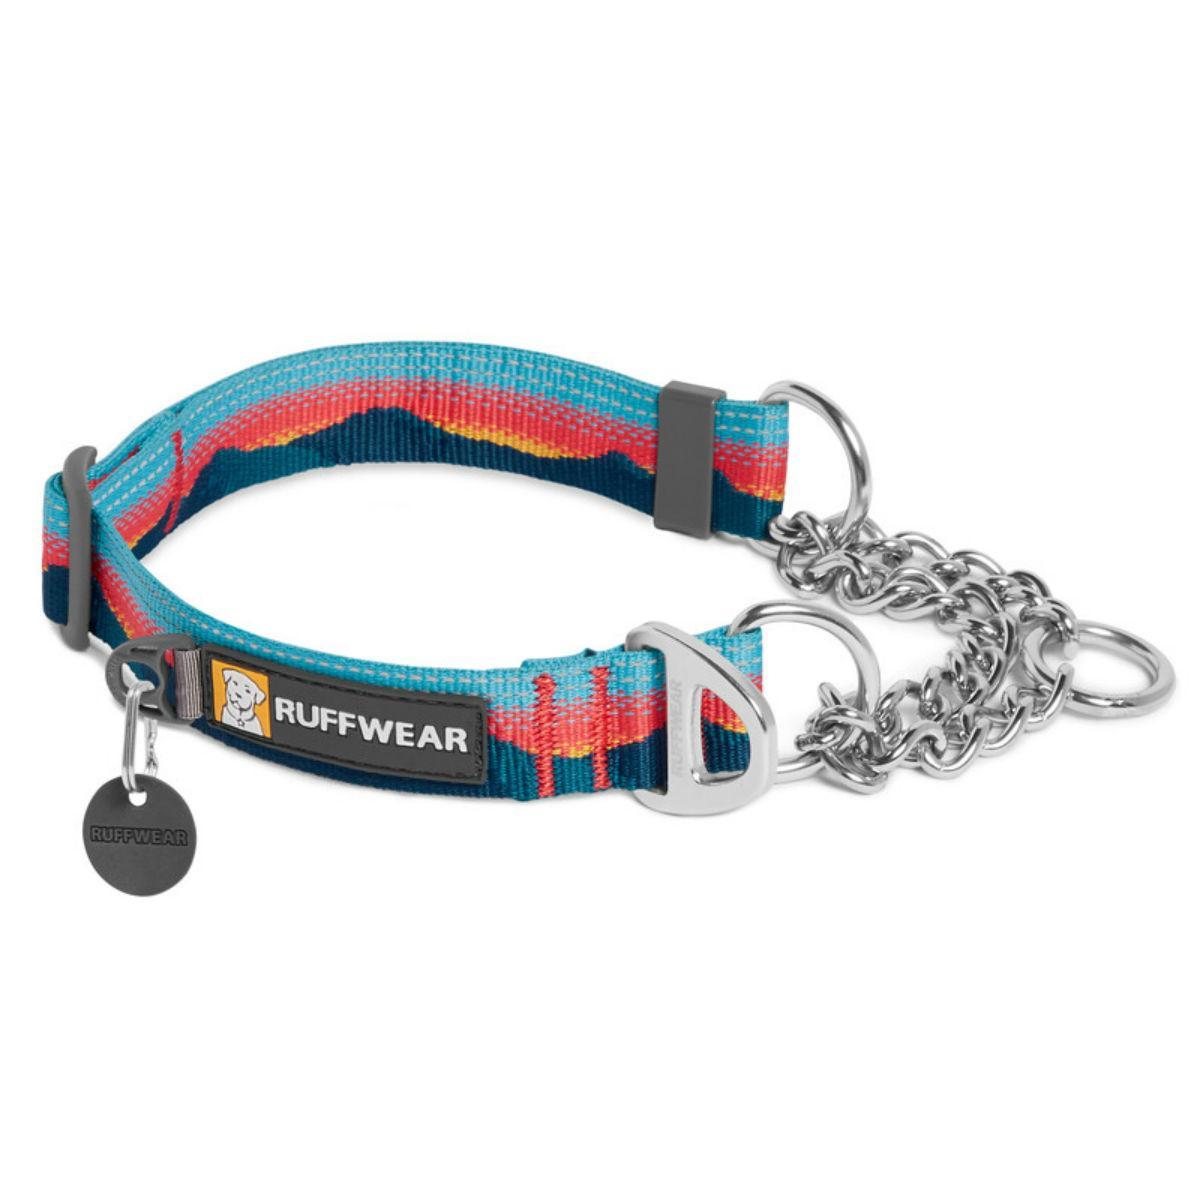 Chain Reaction Dog Collar by RuffWear - Sunset